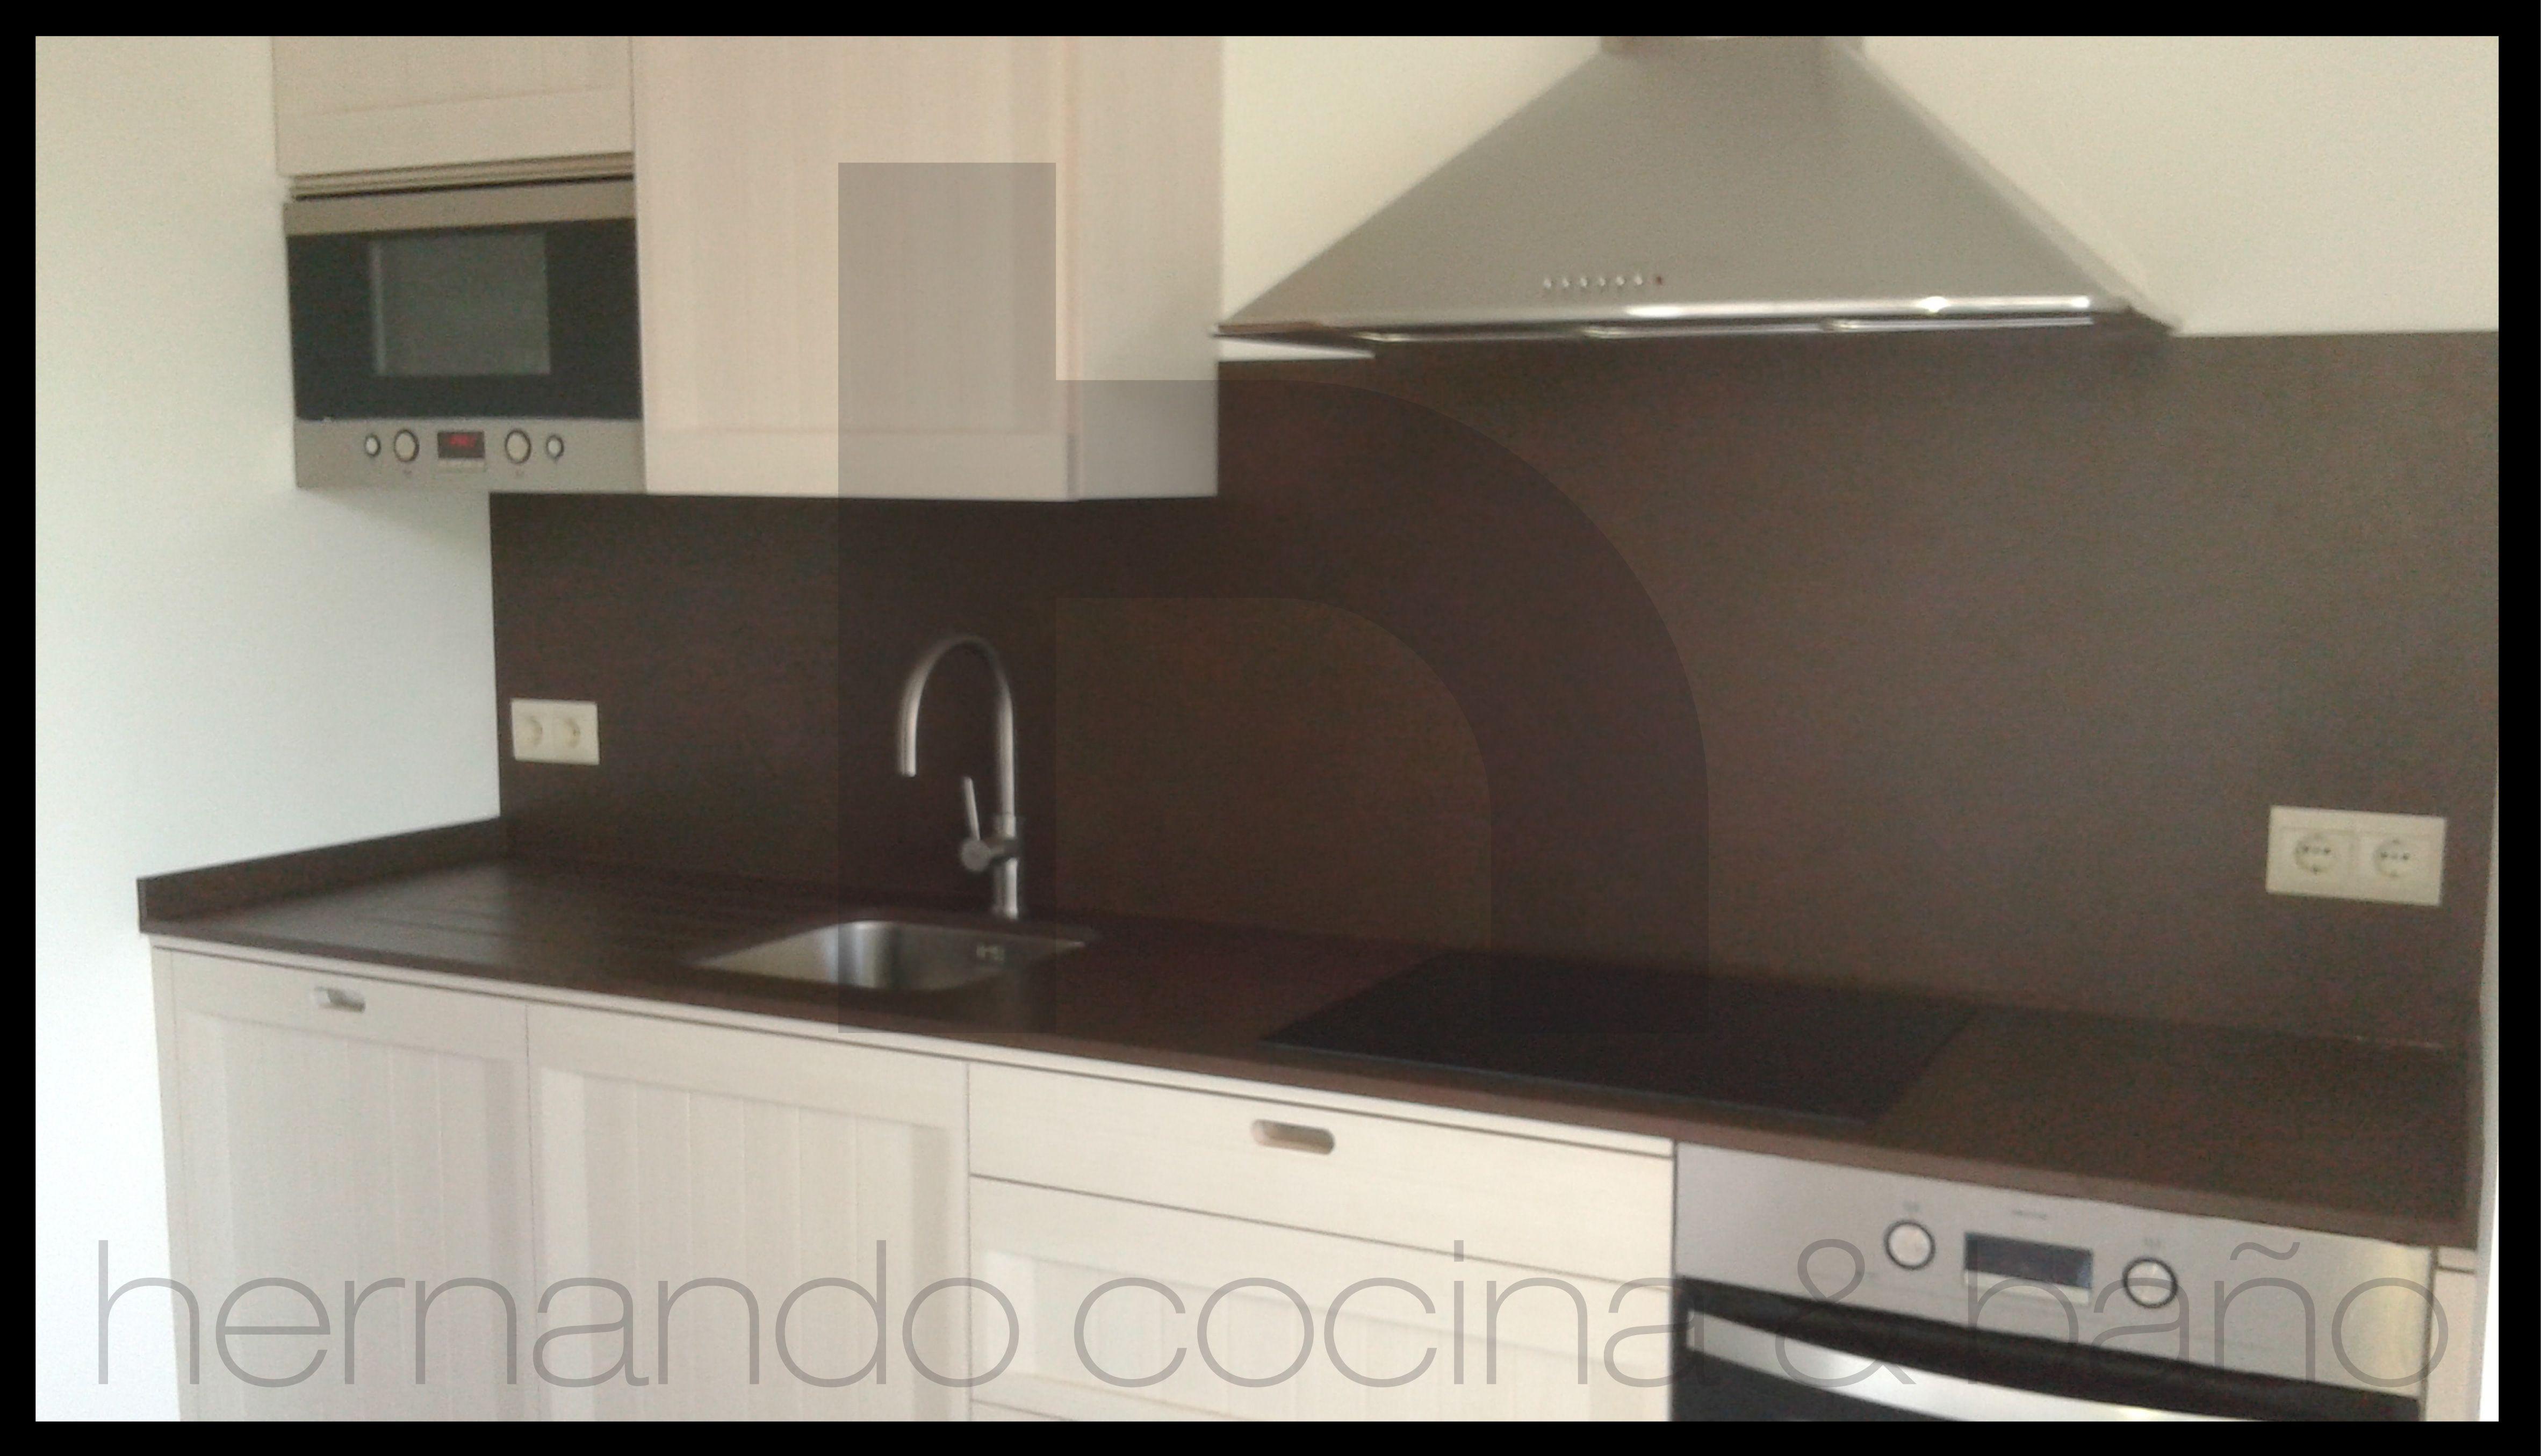 Cocina modelo arkadia de dica en madera natural con - Encimera de madera ...